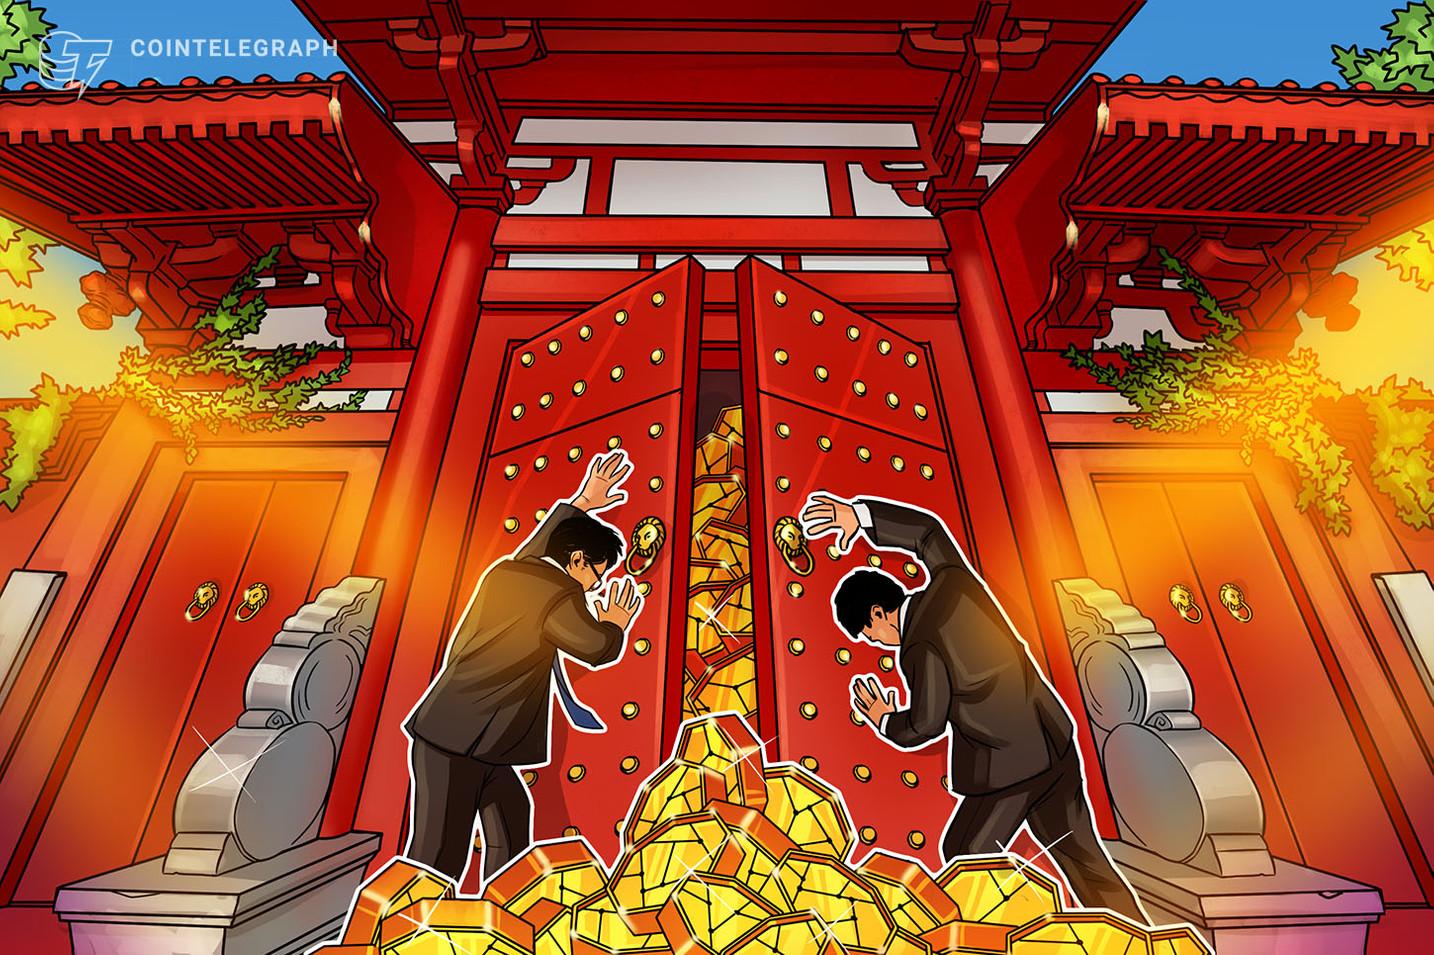 المنظمون الصينيون يوحدون قواهم لقمع العملات المشفرة